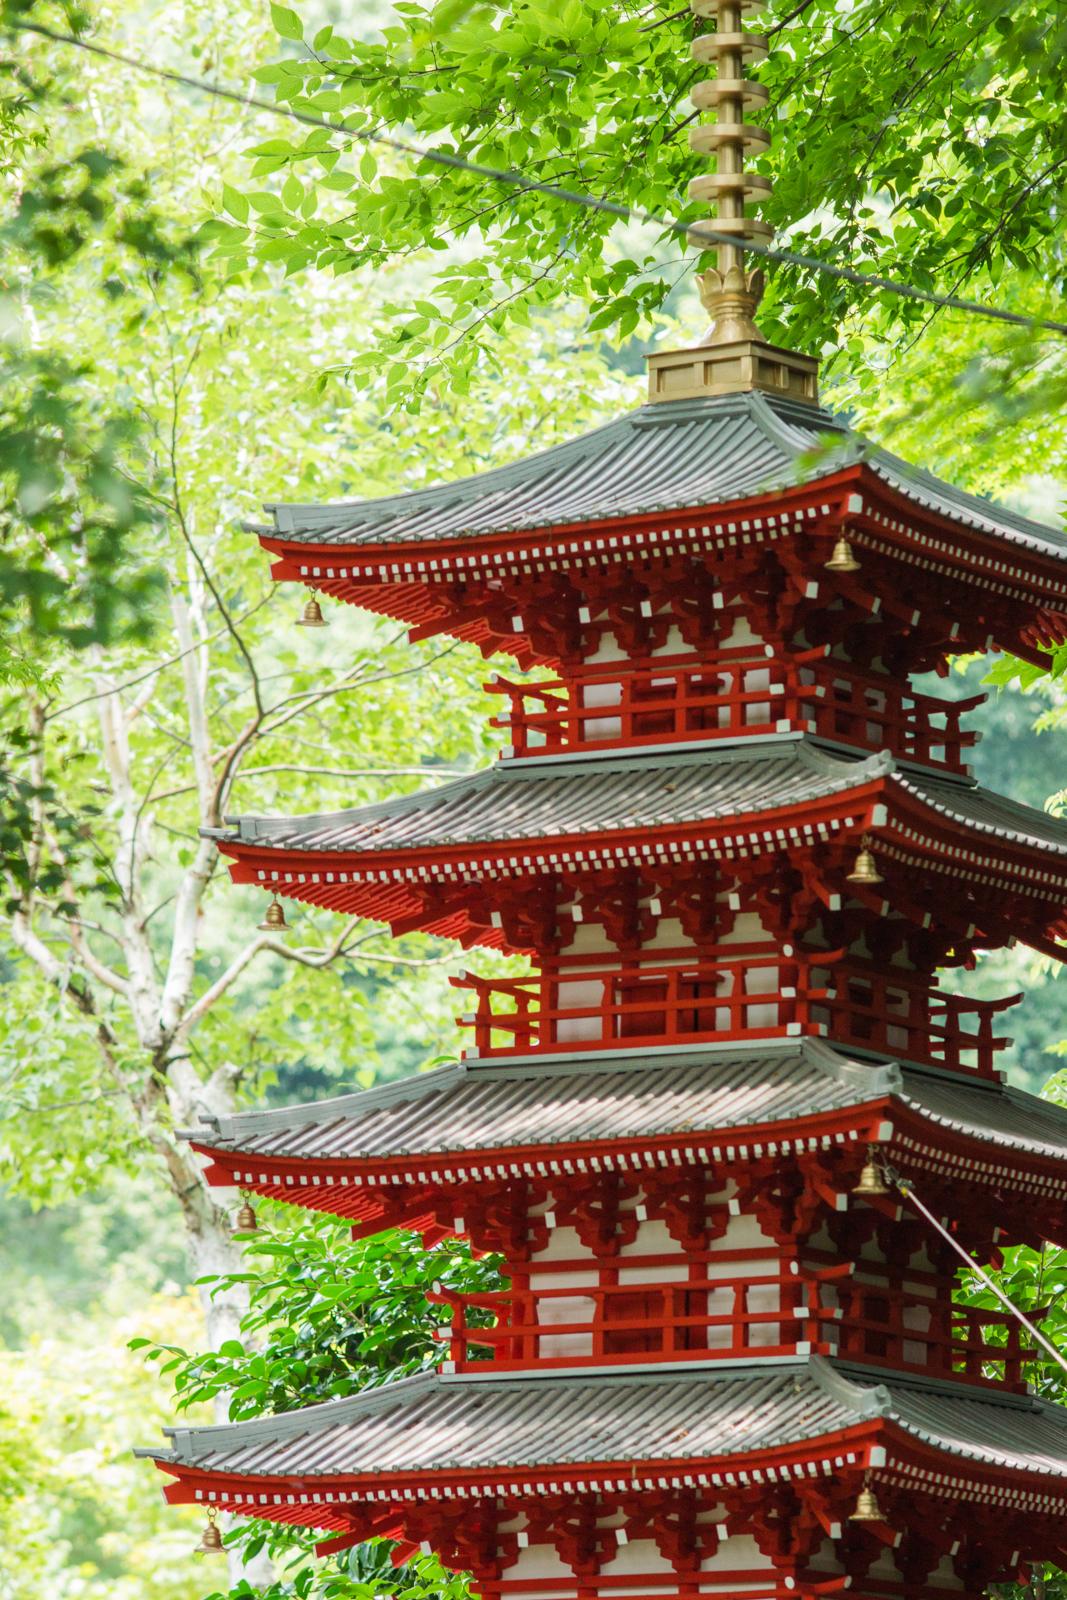 武蔵国分寺、七重塔推定復元模型の写真